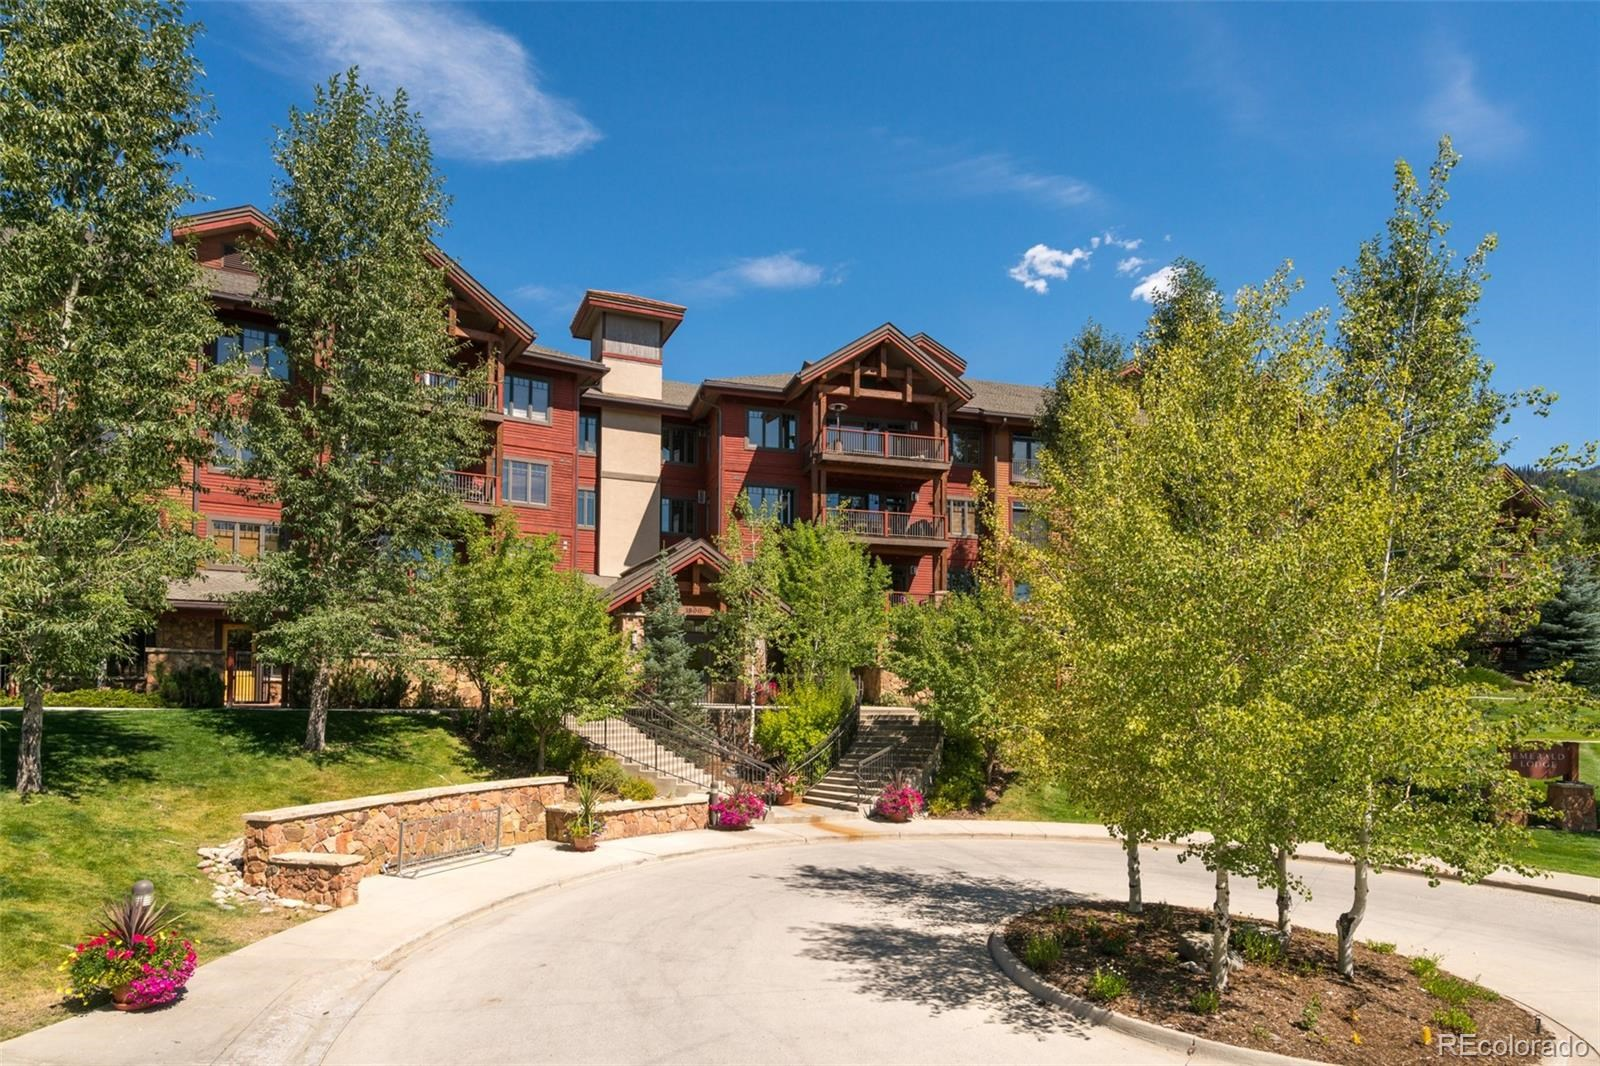 MLS# 7592425 - 1 - 1800 Medicine Springs Drive #5305, Steamboat Springs, CO 80487